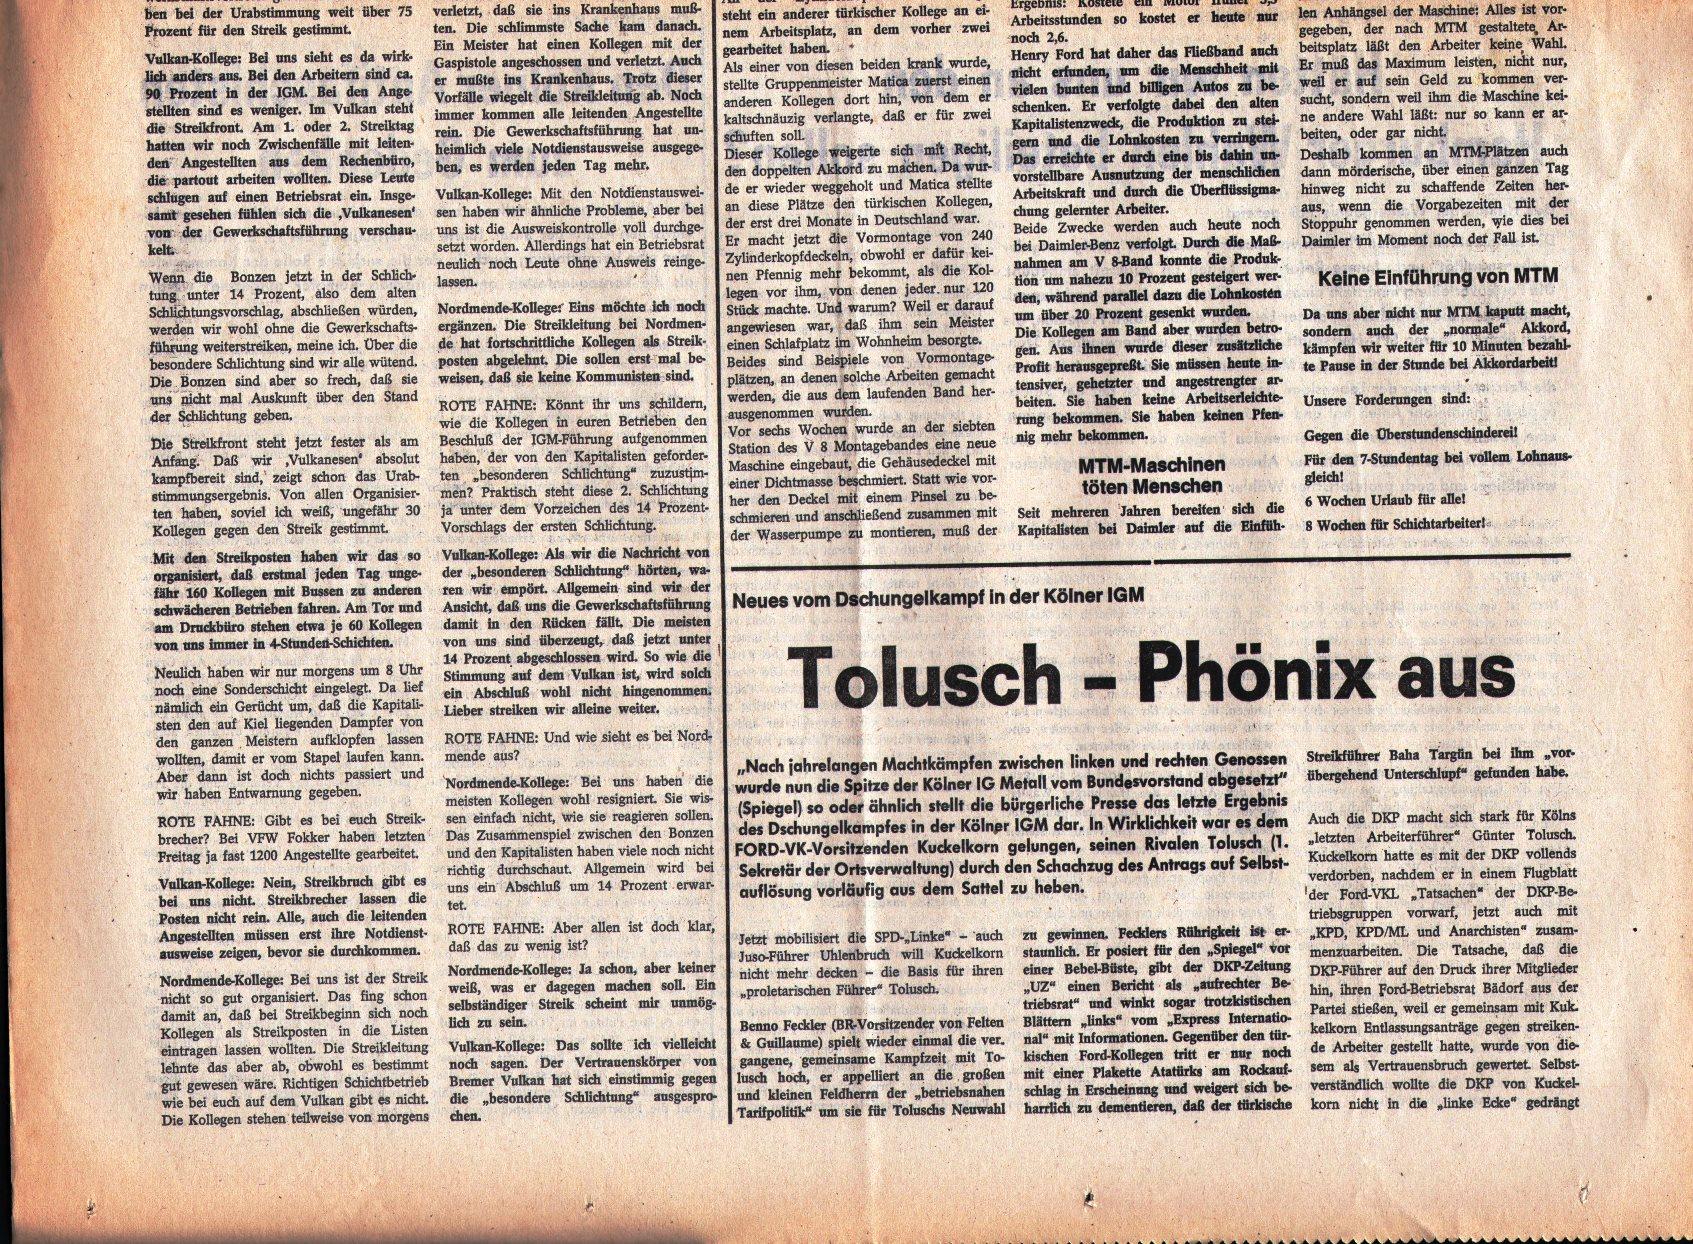 KPD_Rote_Fahne_1974_12_08